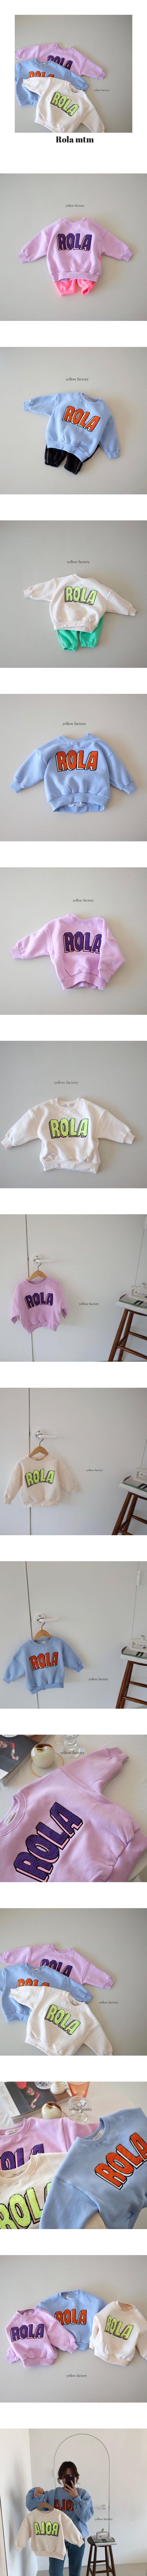 YELLOW FACTORY - Korean Children Fashion - #Kfashion4kids - Rola MTM